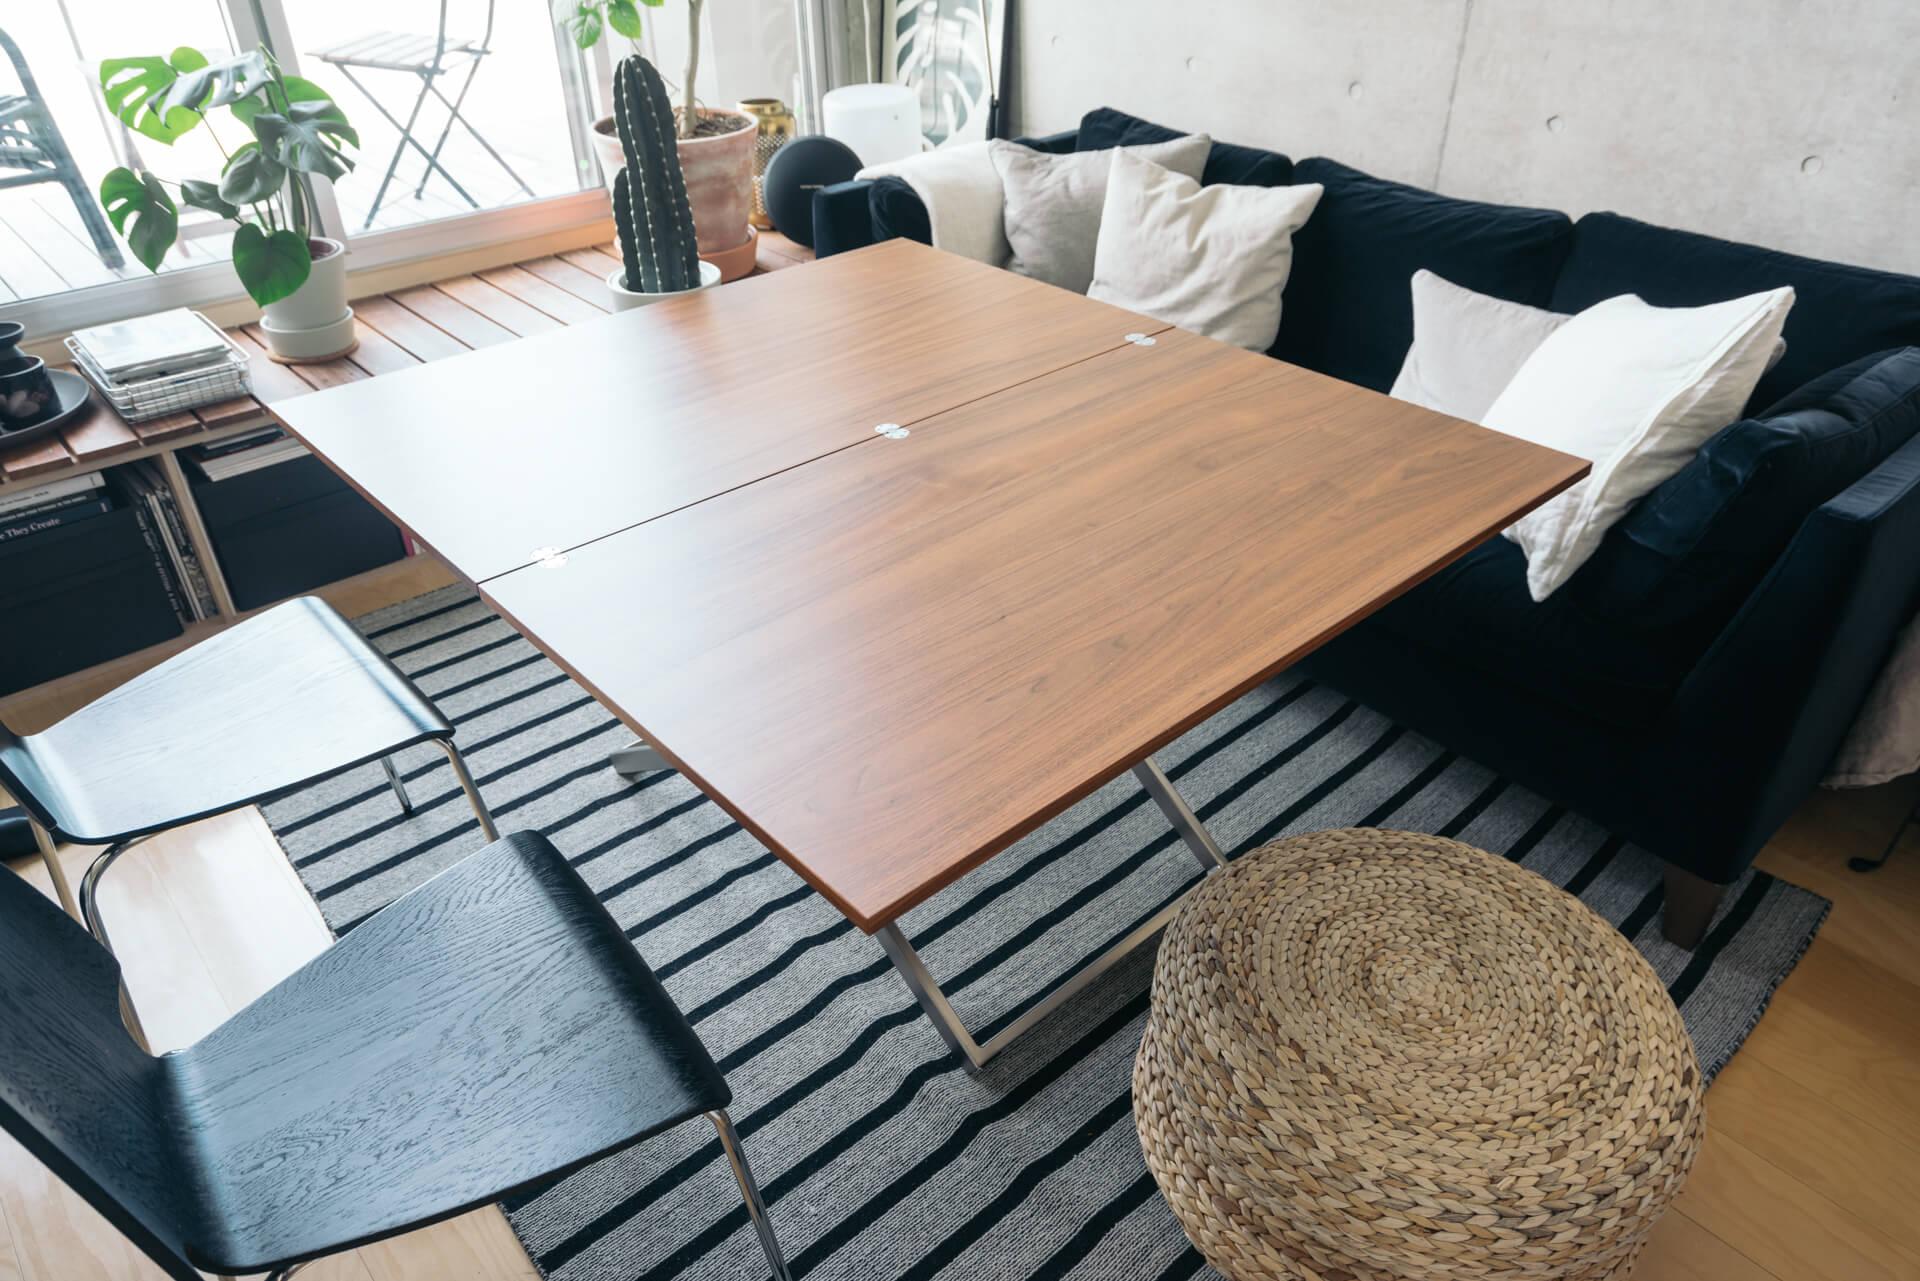 テーブルの高さを変えてローテーブルとしても使える上、天板を広げれば2倍の大きさに!お友達を呼んでよくパーティーをするという方にとっても、このテーブルがあれば大人数集まっても大丈夫。